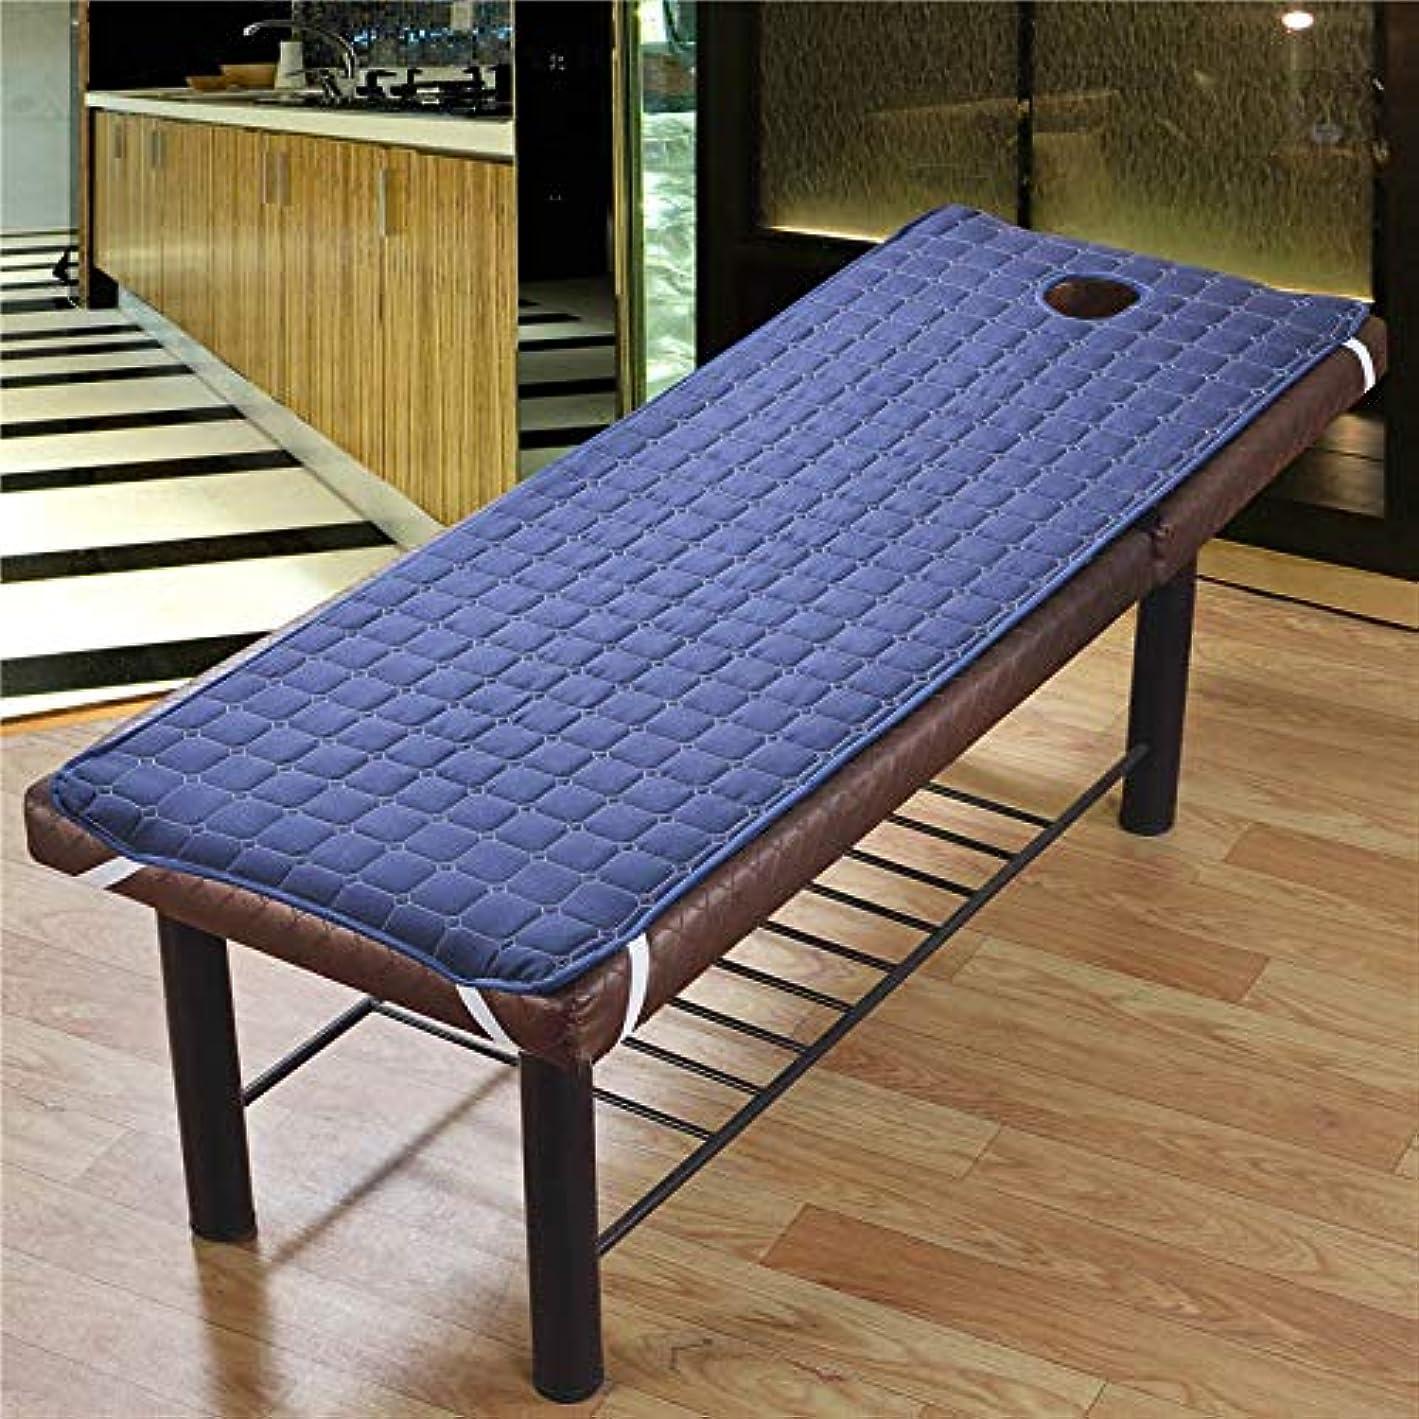 全国燃料柱Tenflyer 美容院のマッサージ療法のベッドのための滑り止めのSoliod色の長方形のマットレス